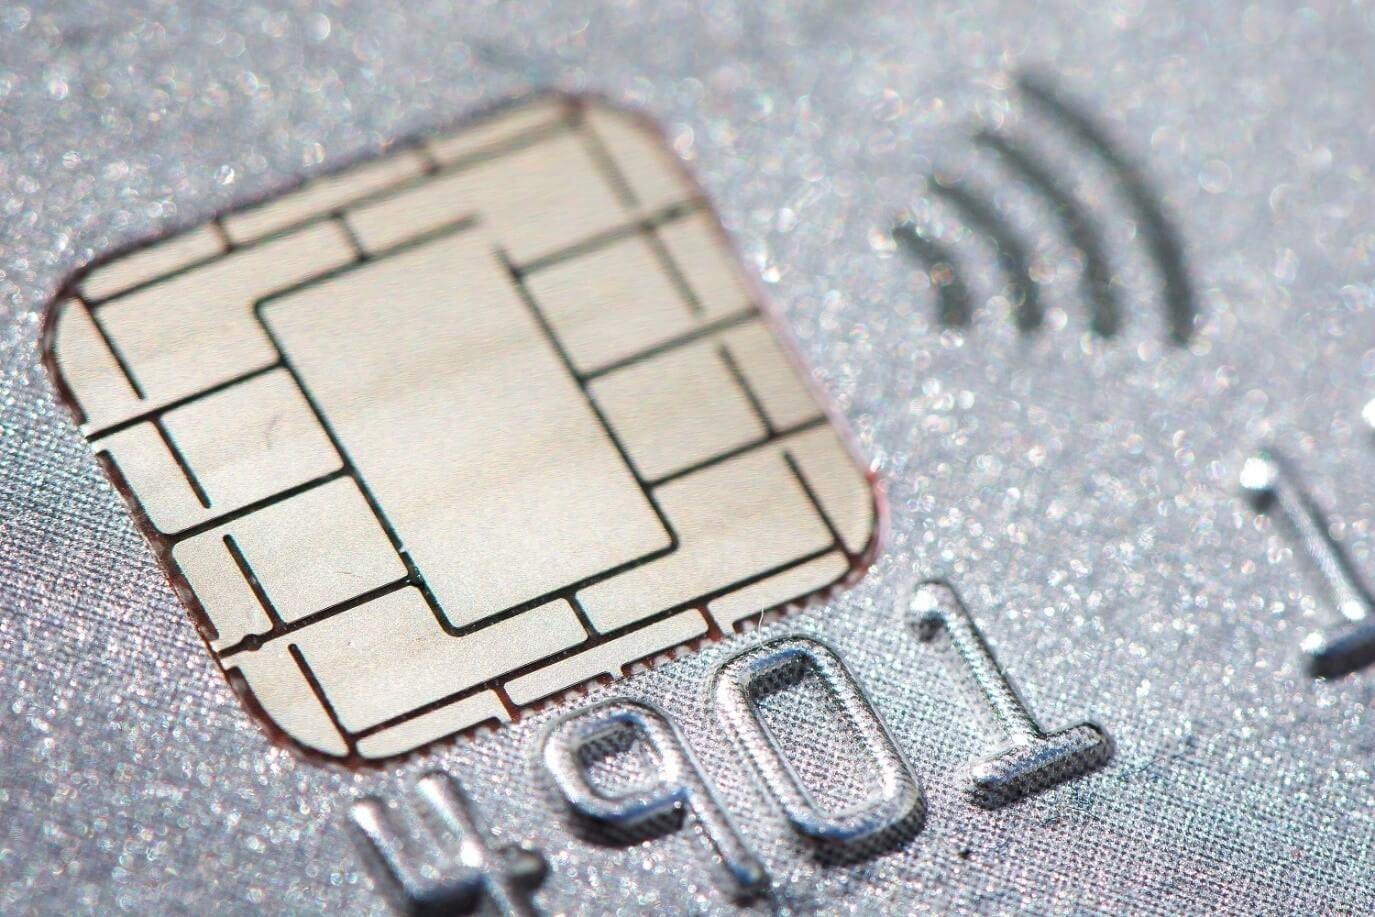 Облачный хостинг PCI DSS: Детали предоставления услуги - 1